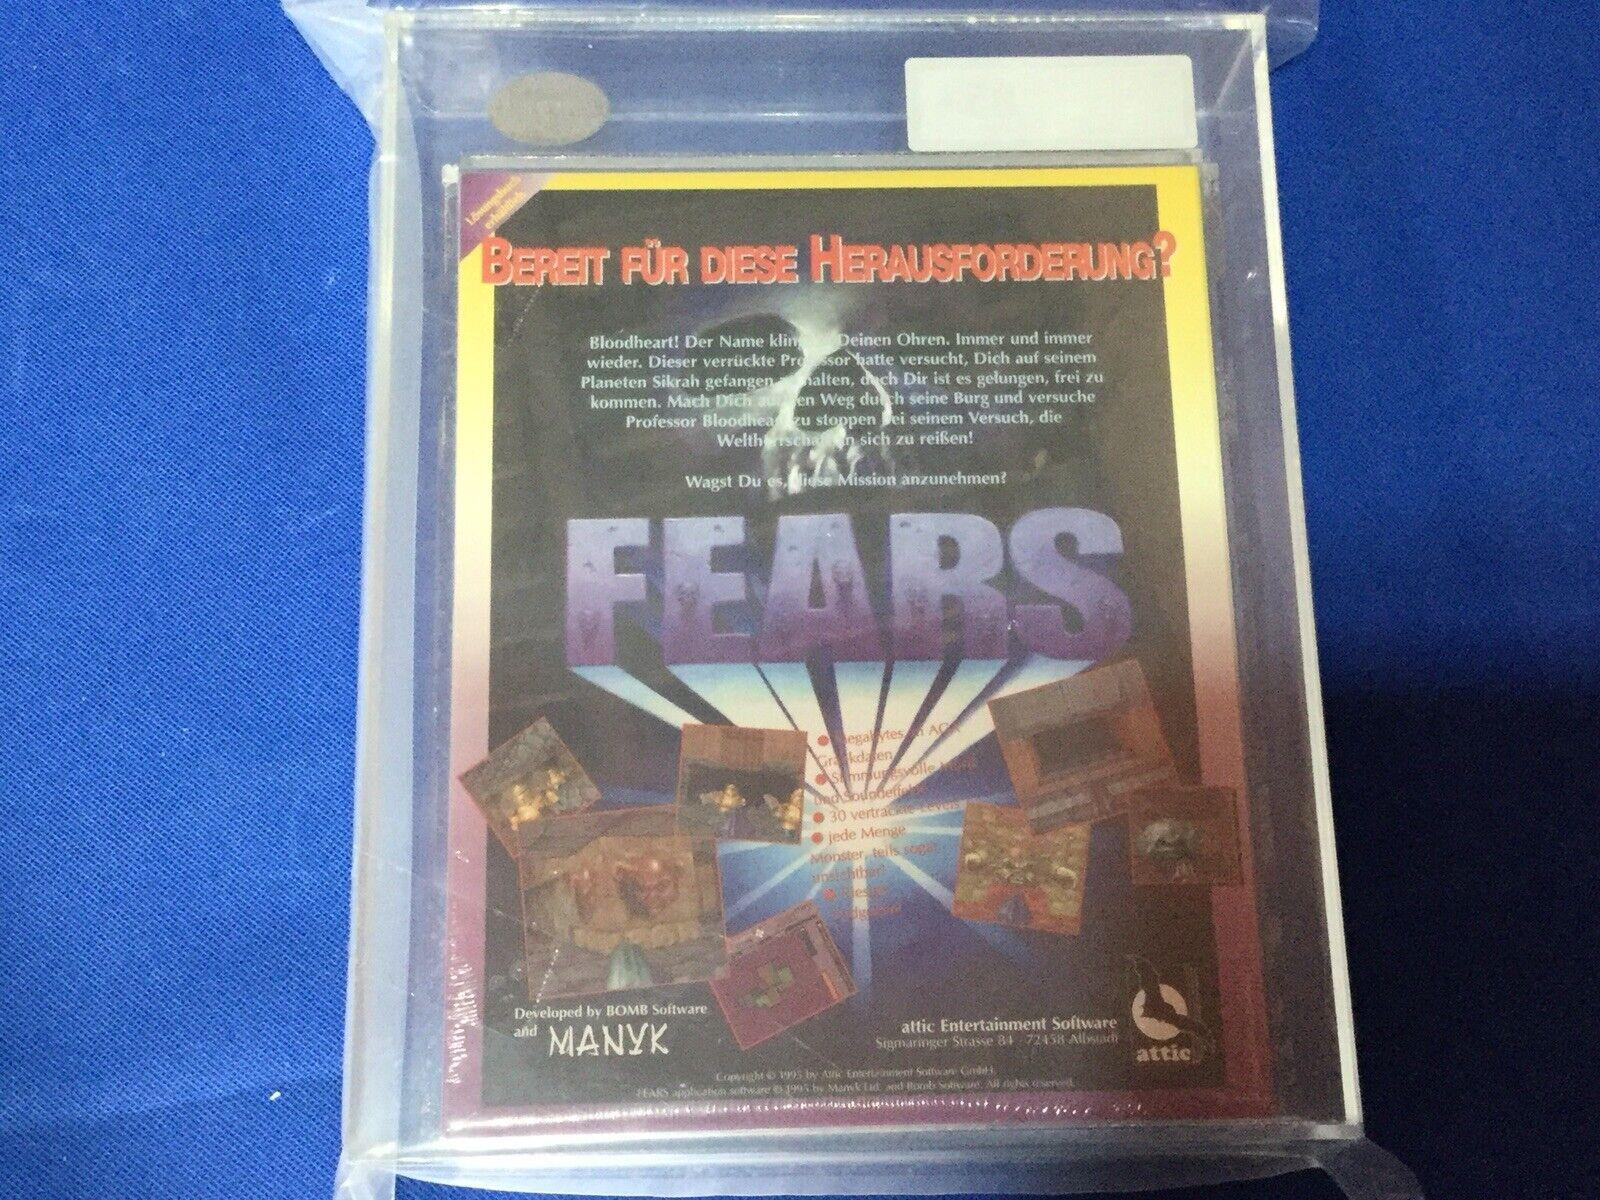 AMIGA Cd32 paure SIGILLATO Iper Rare UKG 85+ vintage gioco gioco gioco non Vga di alta qualità 007a54